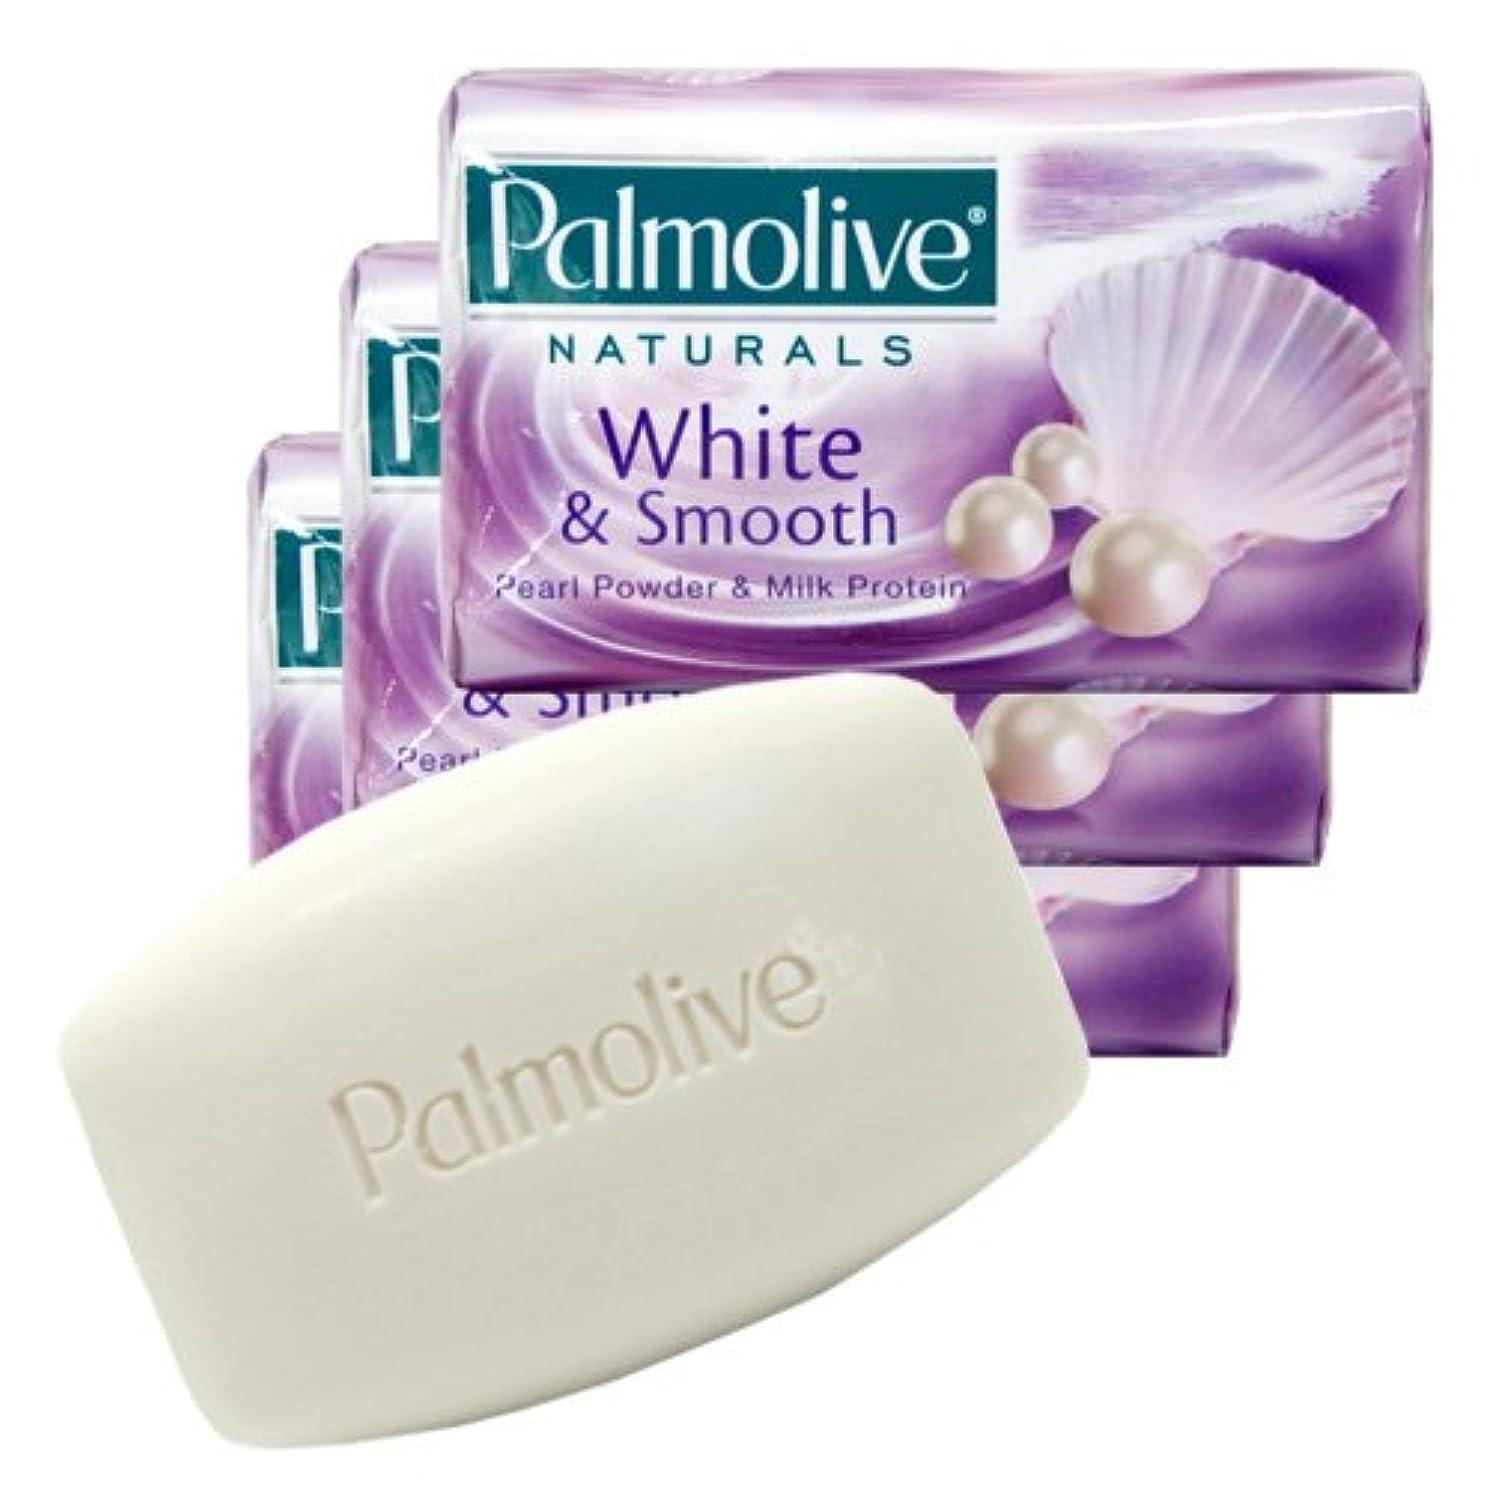 製造業あいまいさうまくやる()【Palmolive】パルモリーブ ナチュラルズ石鹸3個パック ホワイト&スムース(パールパウダー&ミルクプロテイン)80g×3